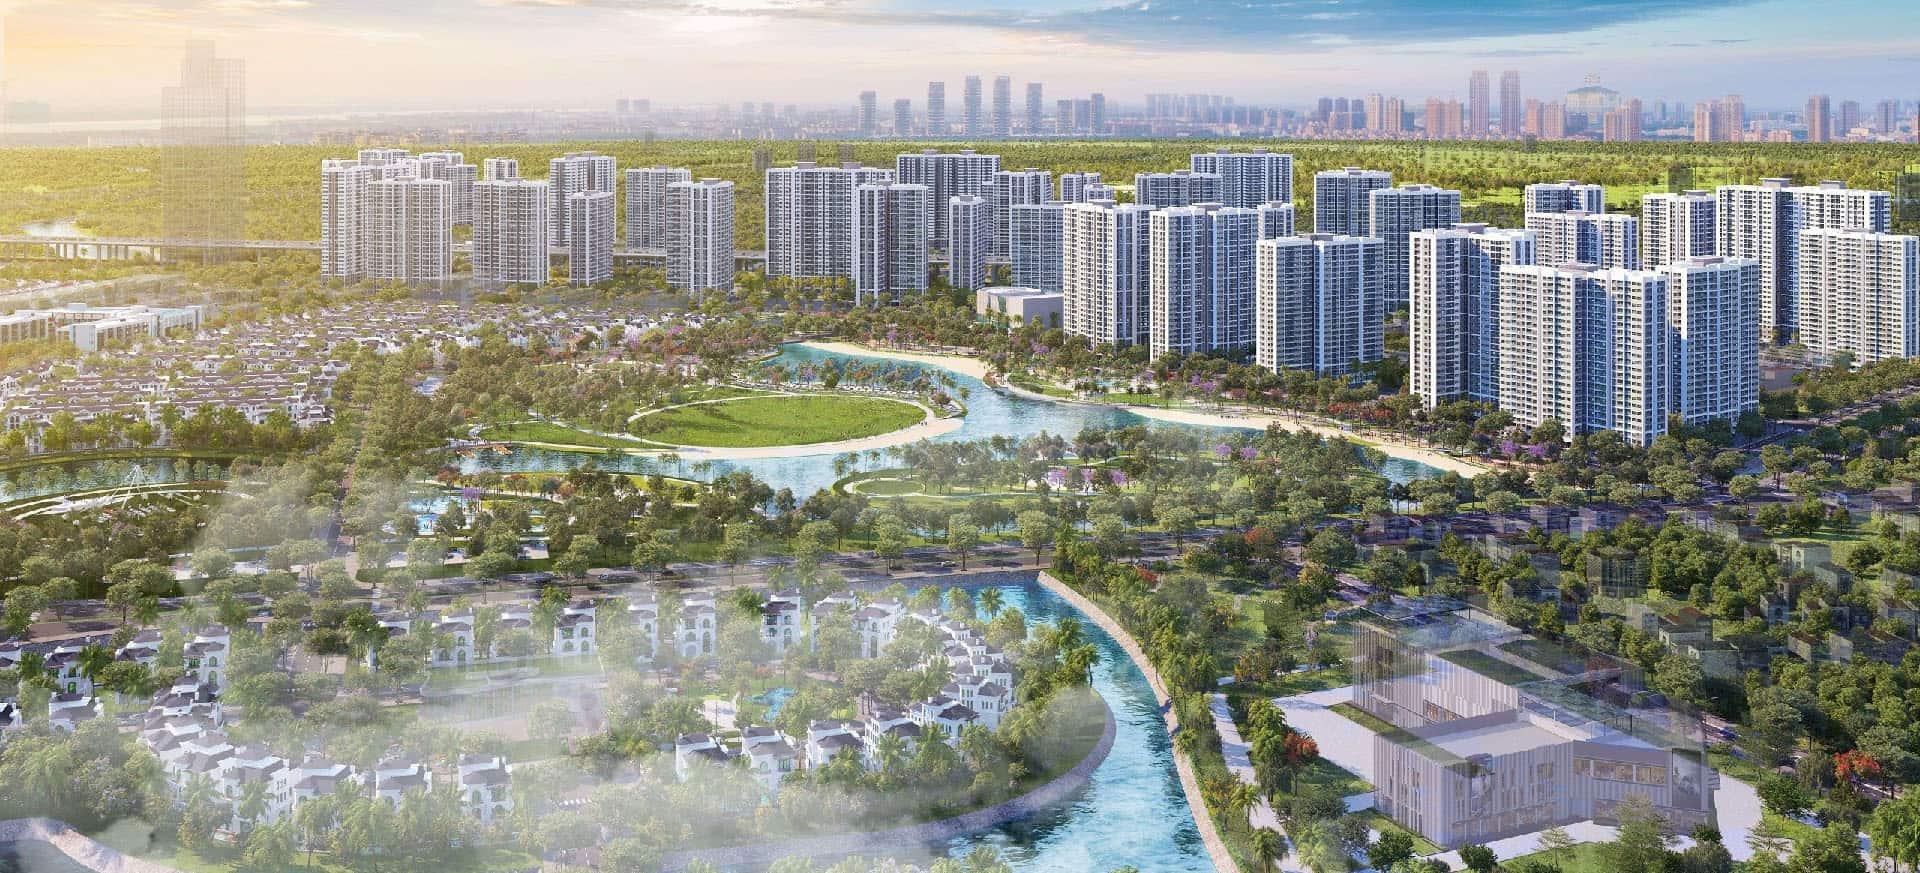 Vinhomes Grand Park Quận 9 - Đô thị đẳng cấp Số 1 Việt Nam — Đông Tây Land